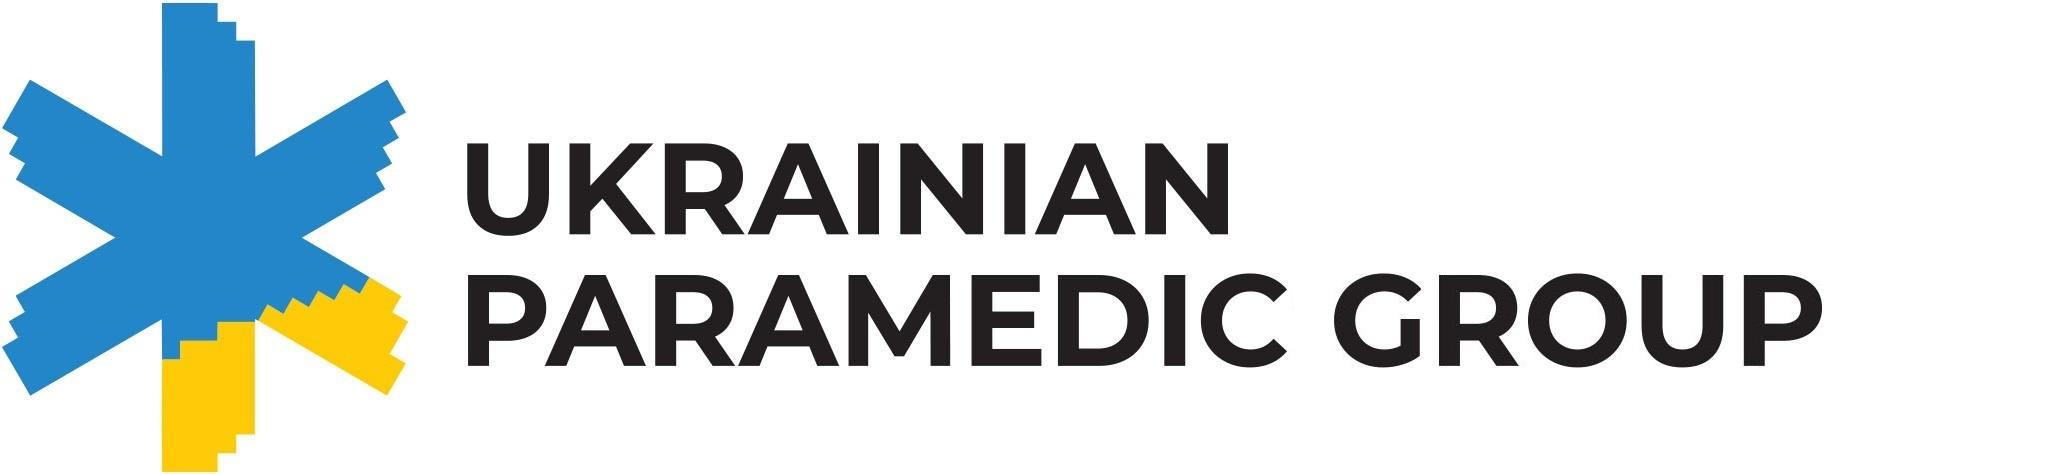 Всеукраїнська спілка парамедиків